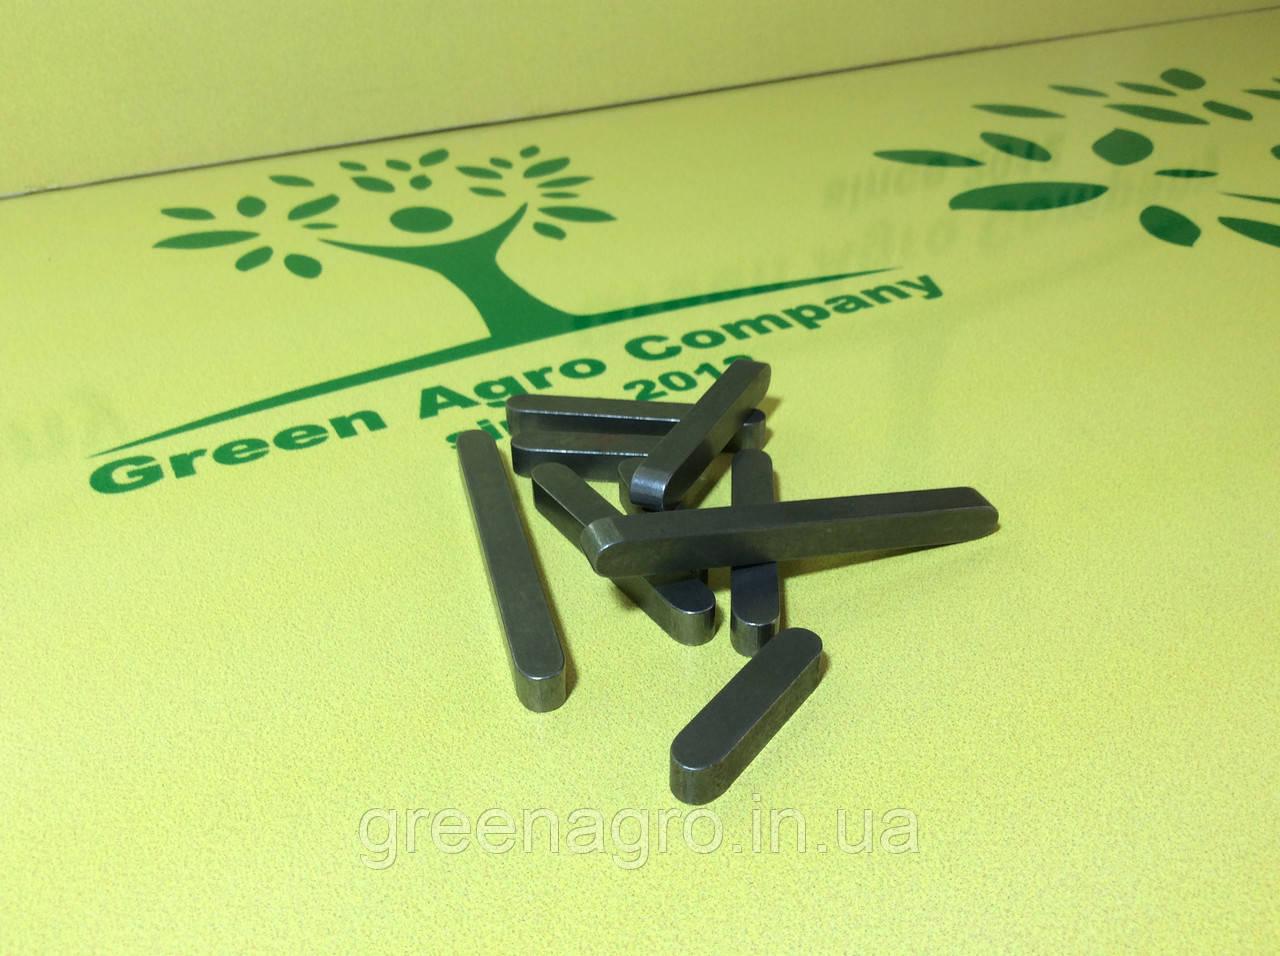 Шпонки на валы косилки роторной z-169, z-173, z-069, z-001